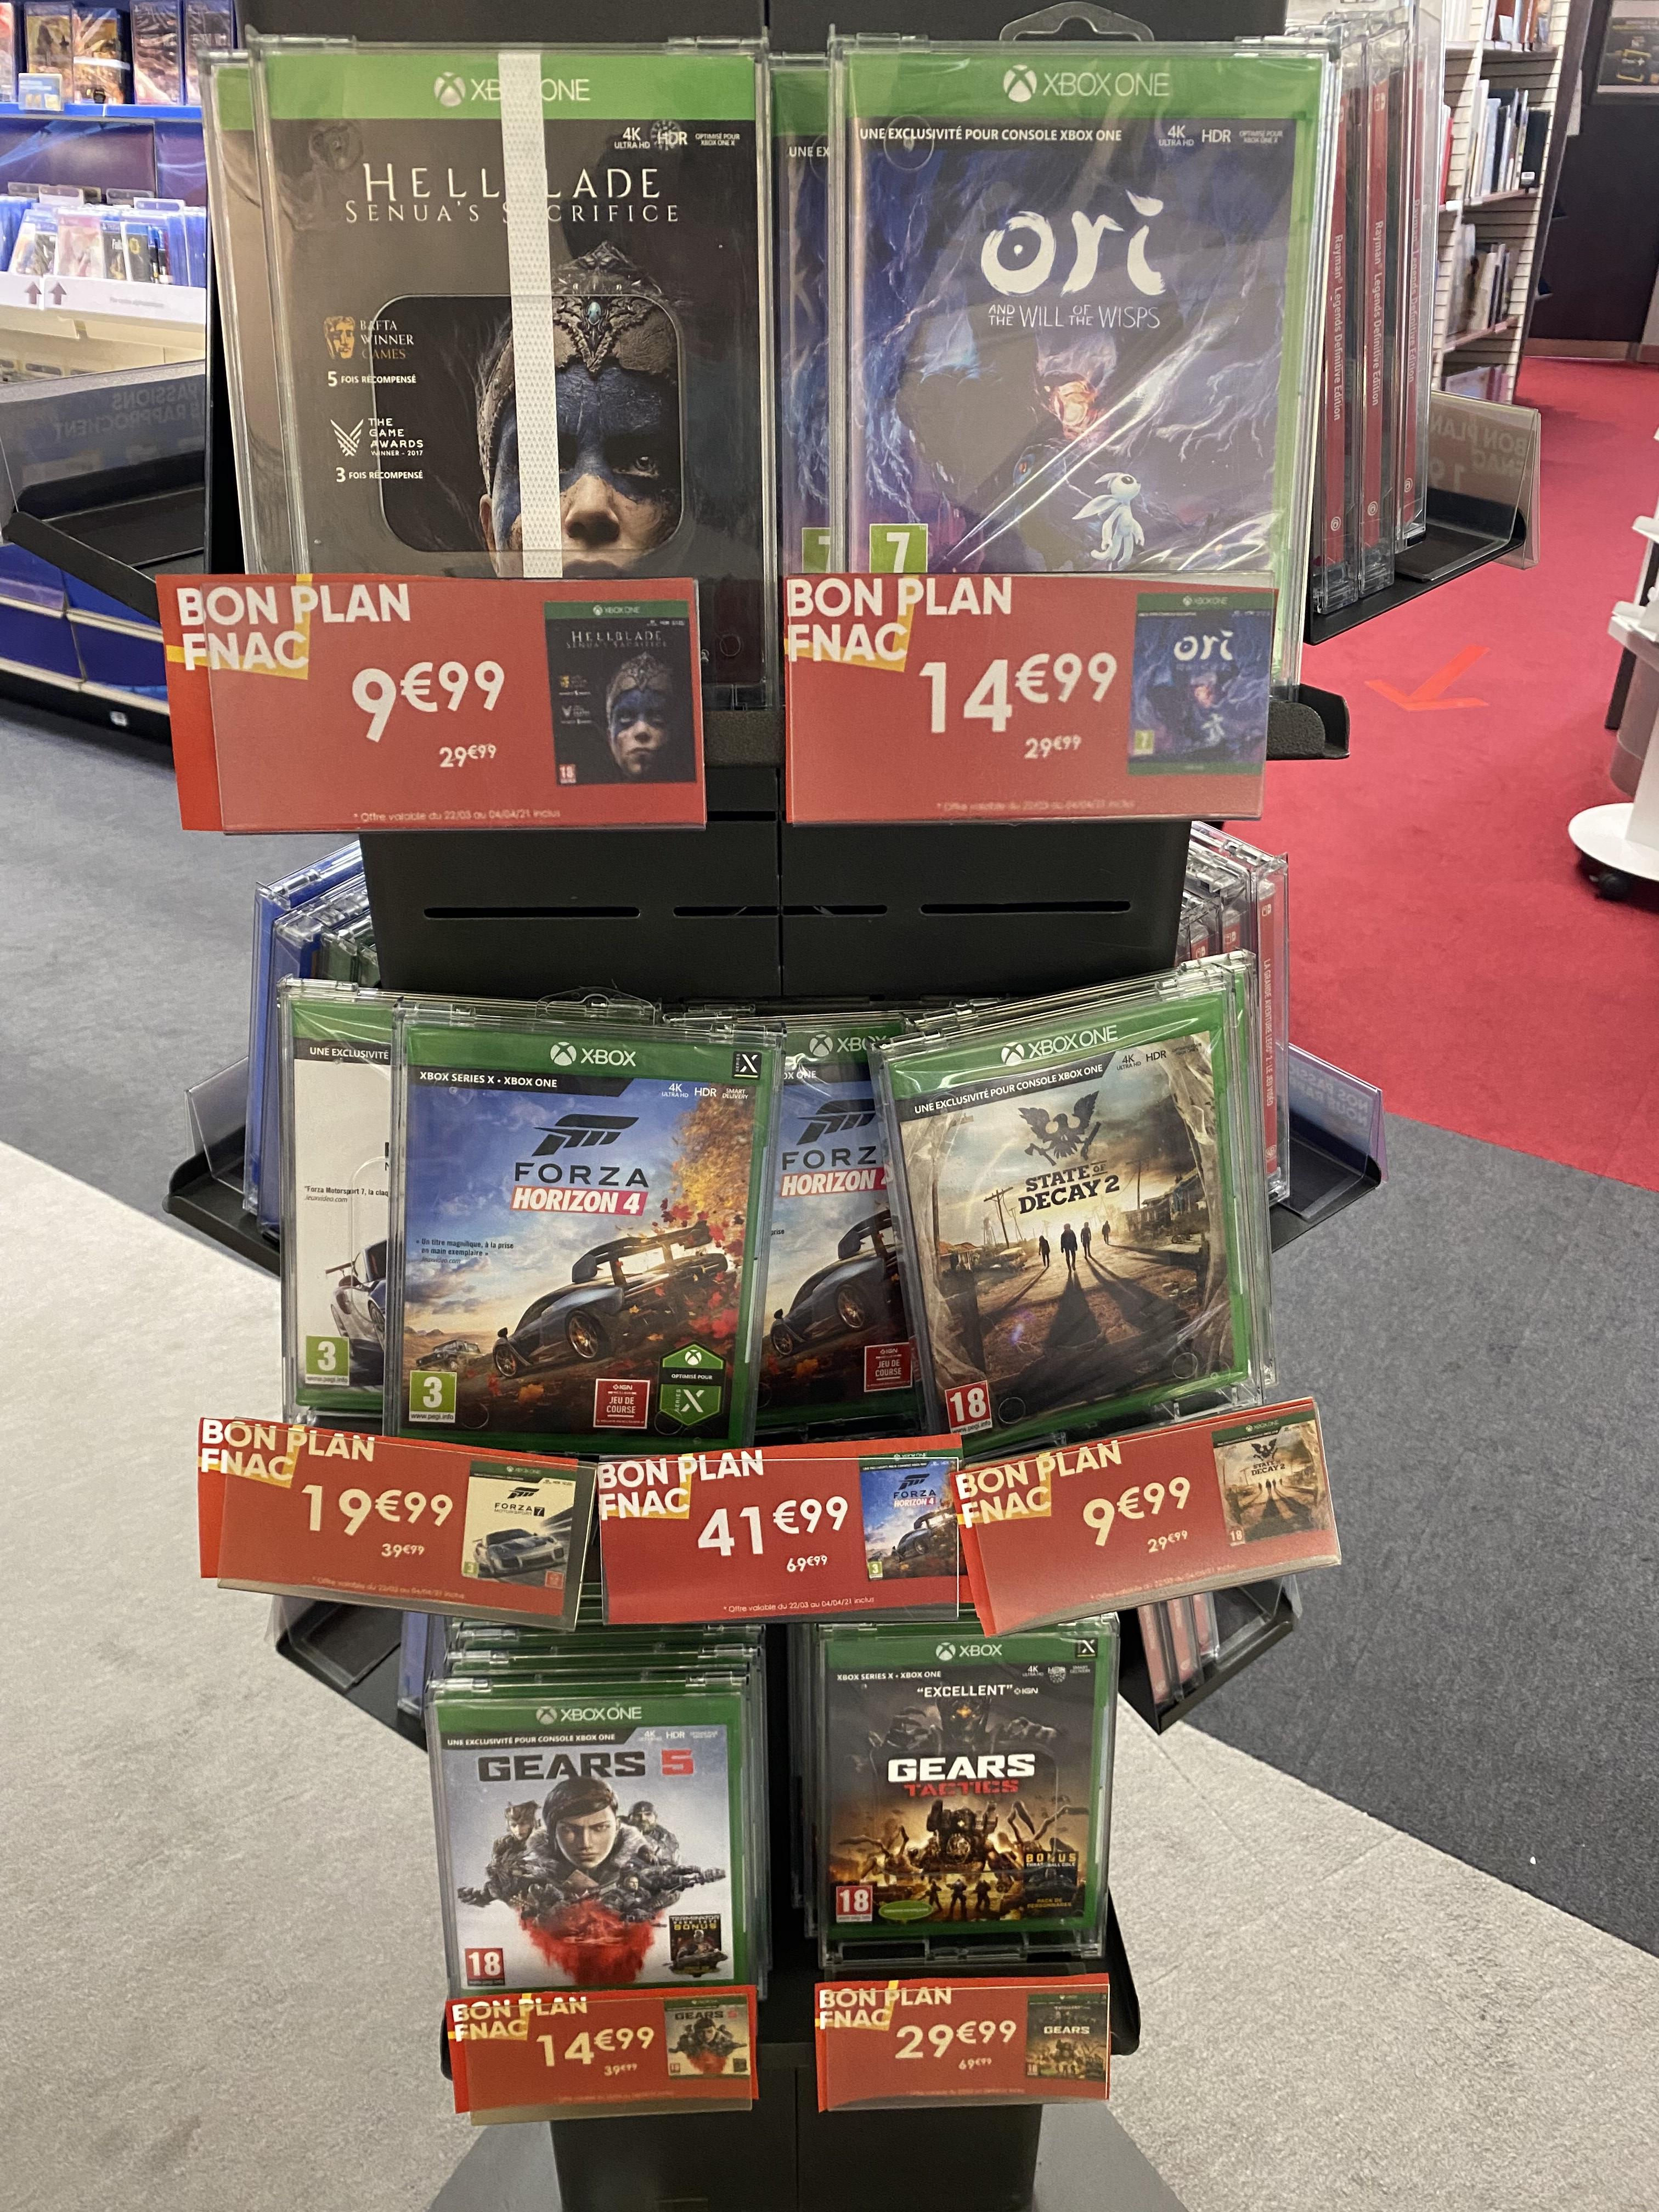 Sélection de jeux vidéo en promotion - Ex : Hellblade: Senua's Sacrifice ou State of Decay 2 sur Xbox One à 9.99€ - Poitiers (86)